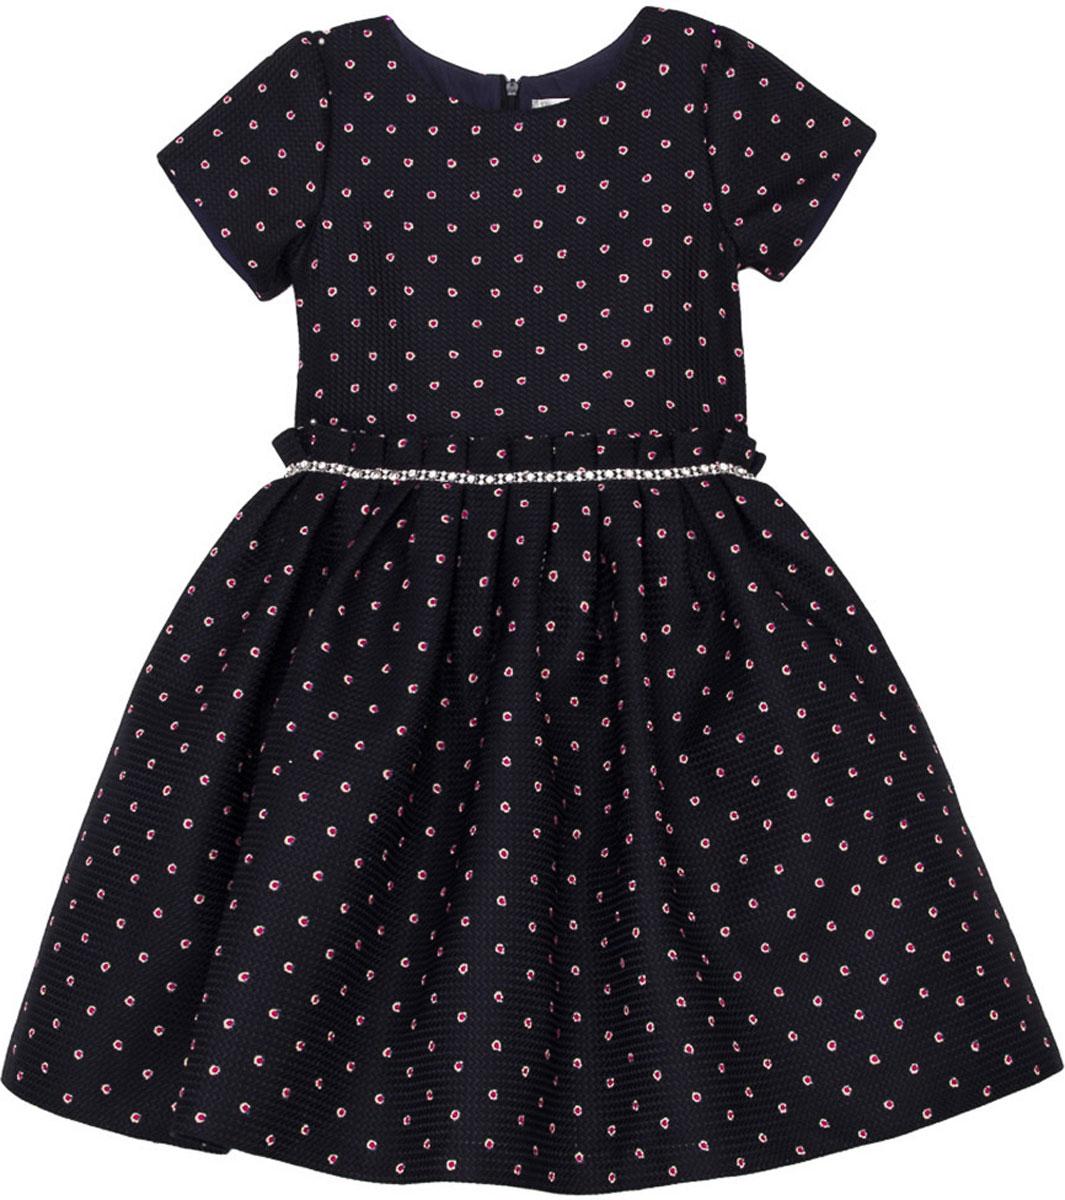 Платье для девочки Vitacci, цвет: синий. 2171400-04. Размер 1202171400-04Стильное платье Vitacci идеально подойдет вашей дочурке. Платье выполнено из полиэстера с подкладкой из хлопка. Платье с короткими рукавами и круглым вырезом горловины дополнено принтом. Модель застегивается на молнию, расположенную на спинке.